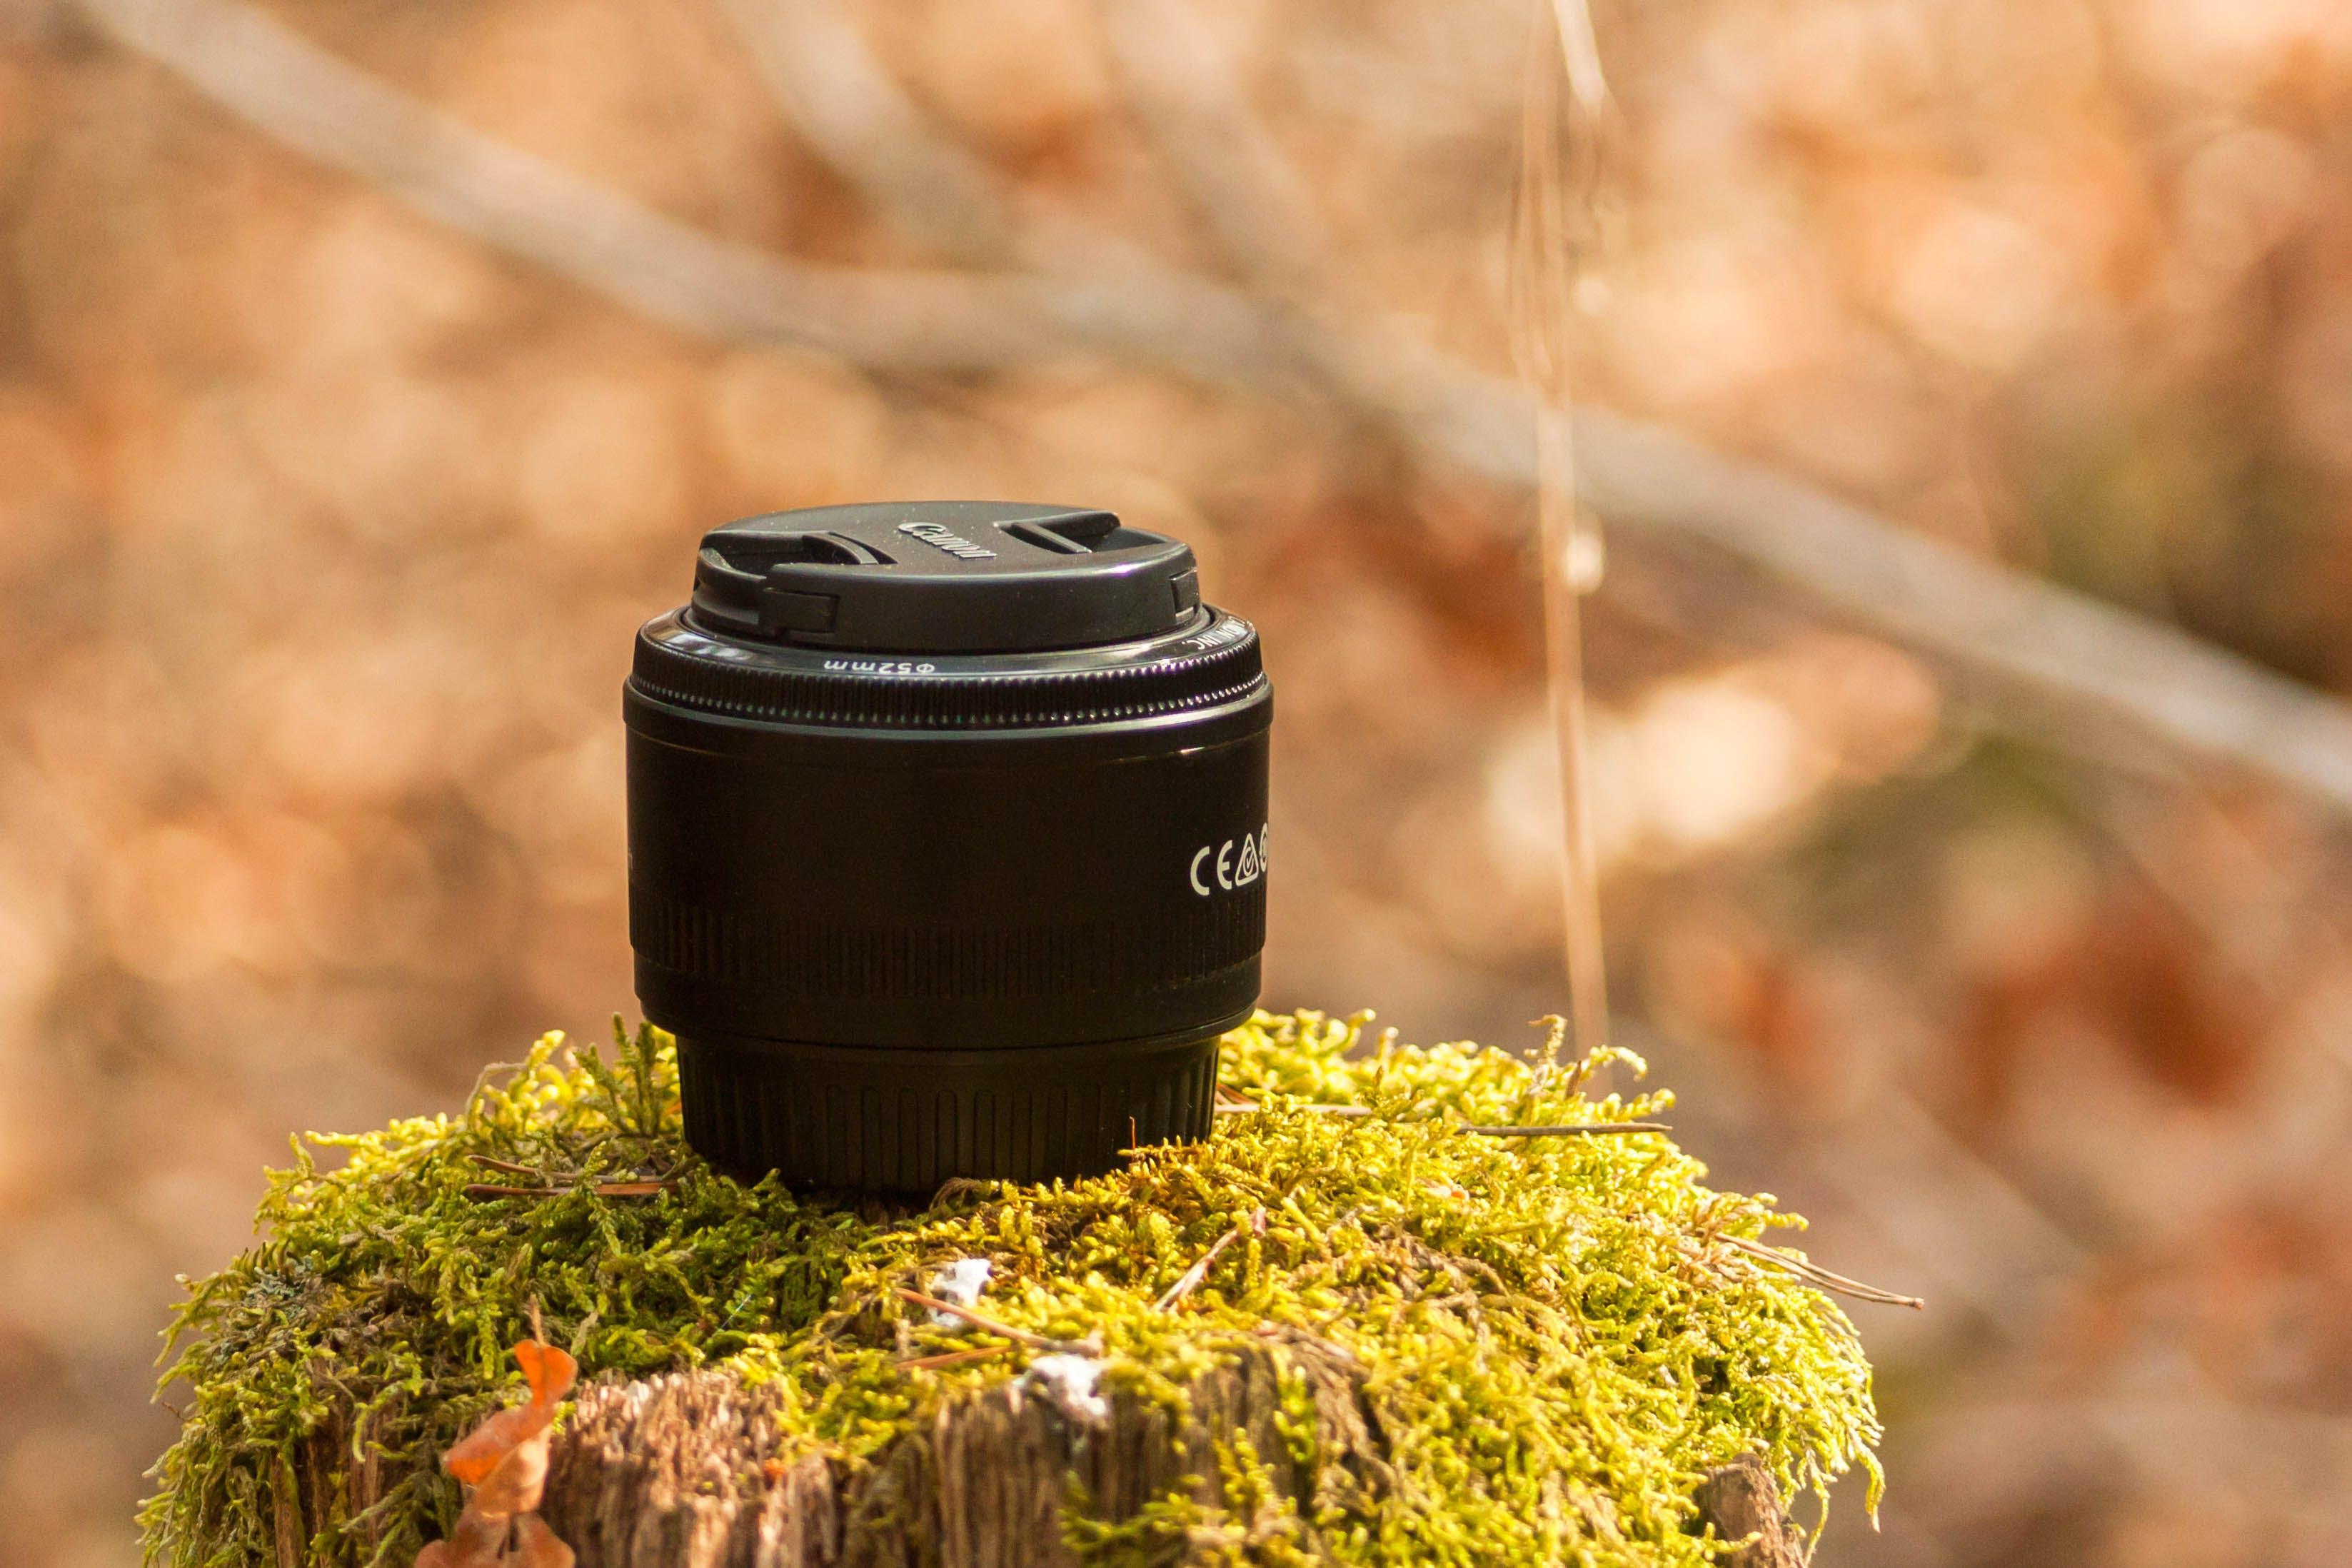 Kostenloses Stock Foto zu ausrüstung, canon, fotografie, kamera